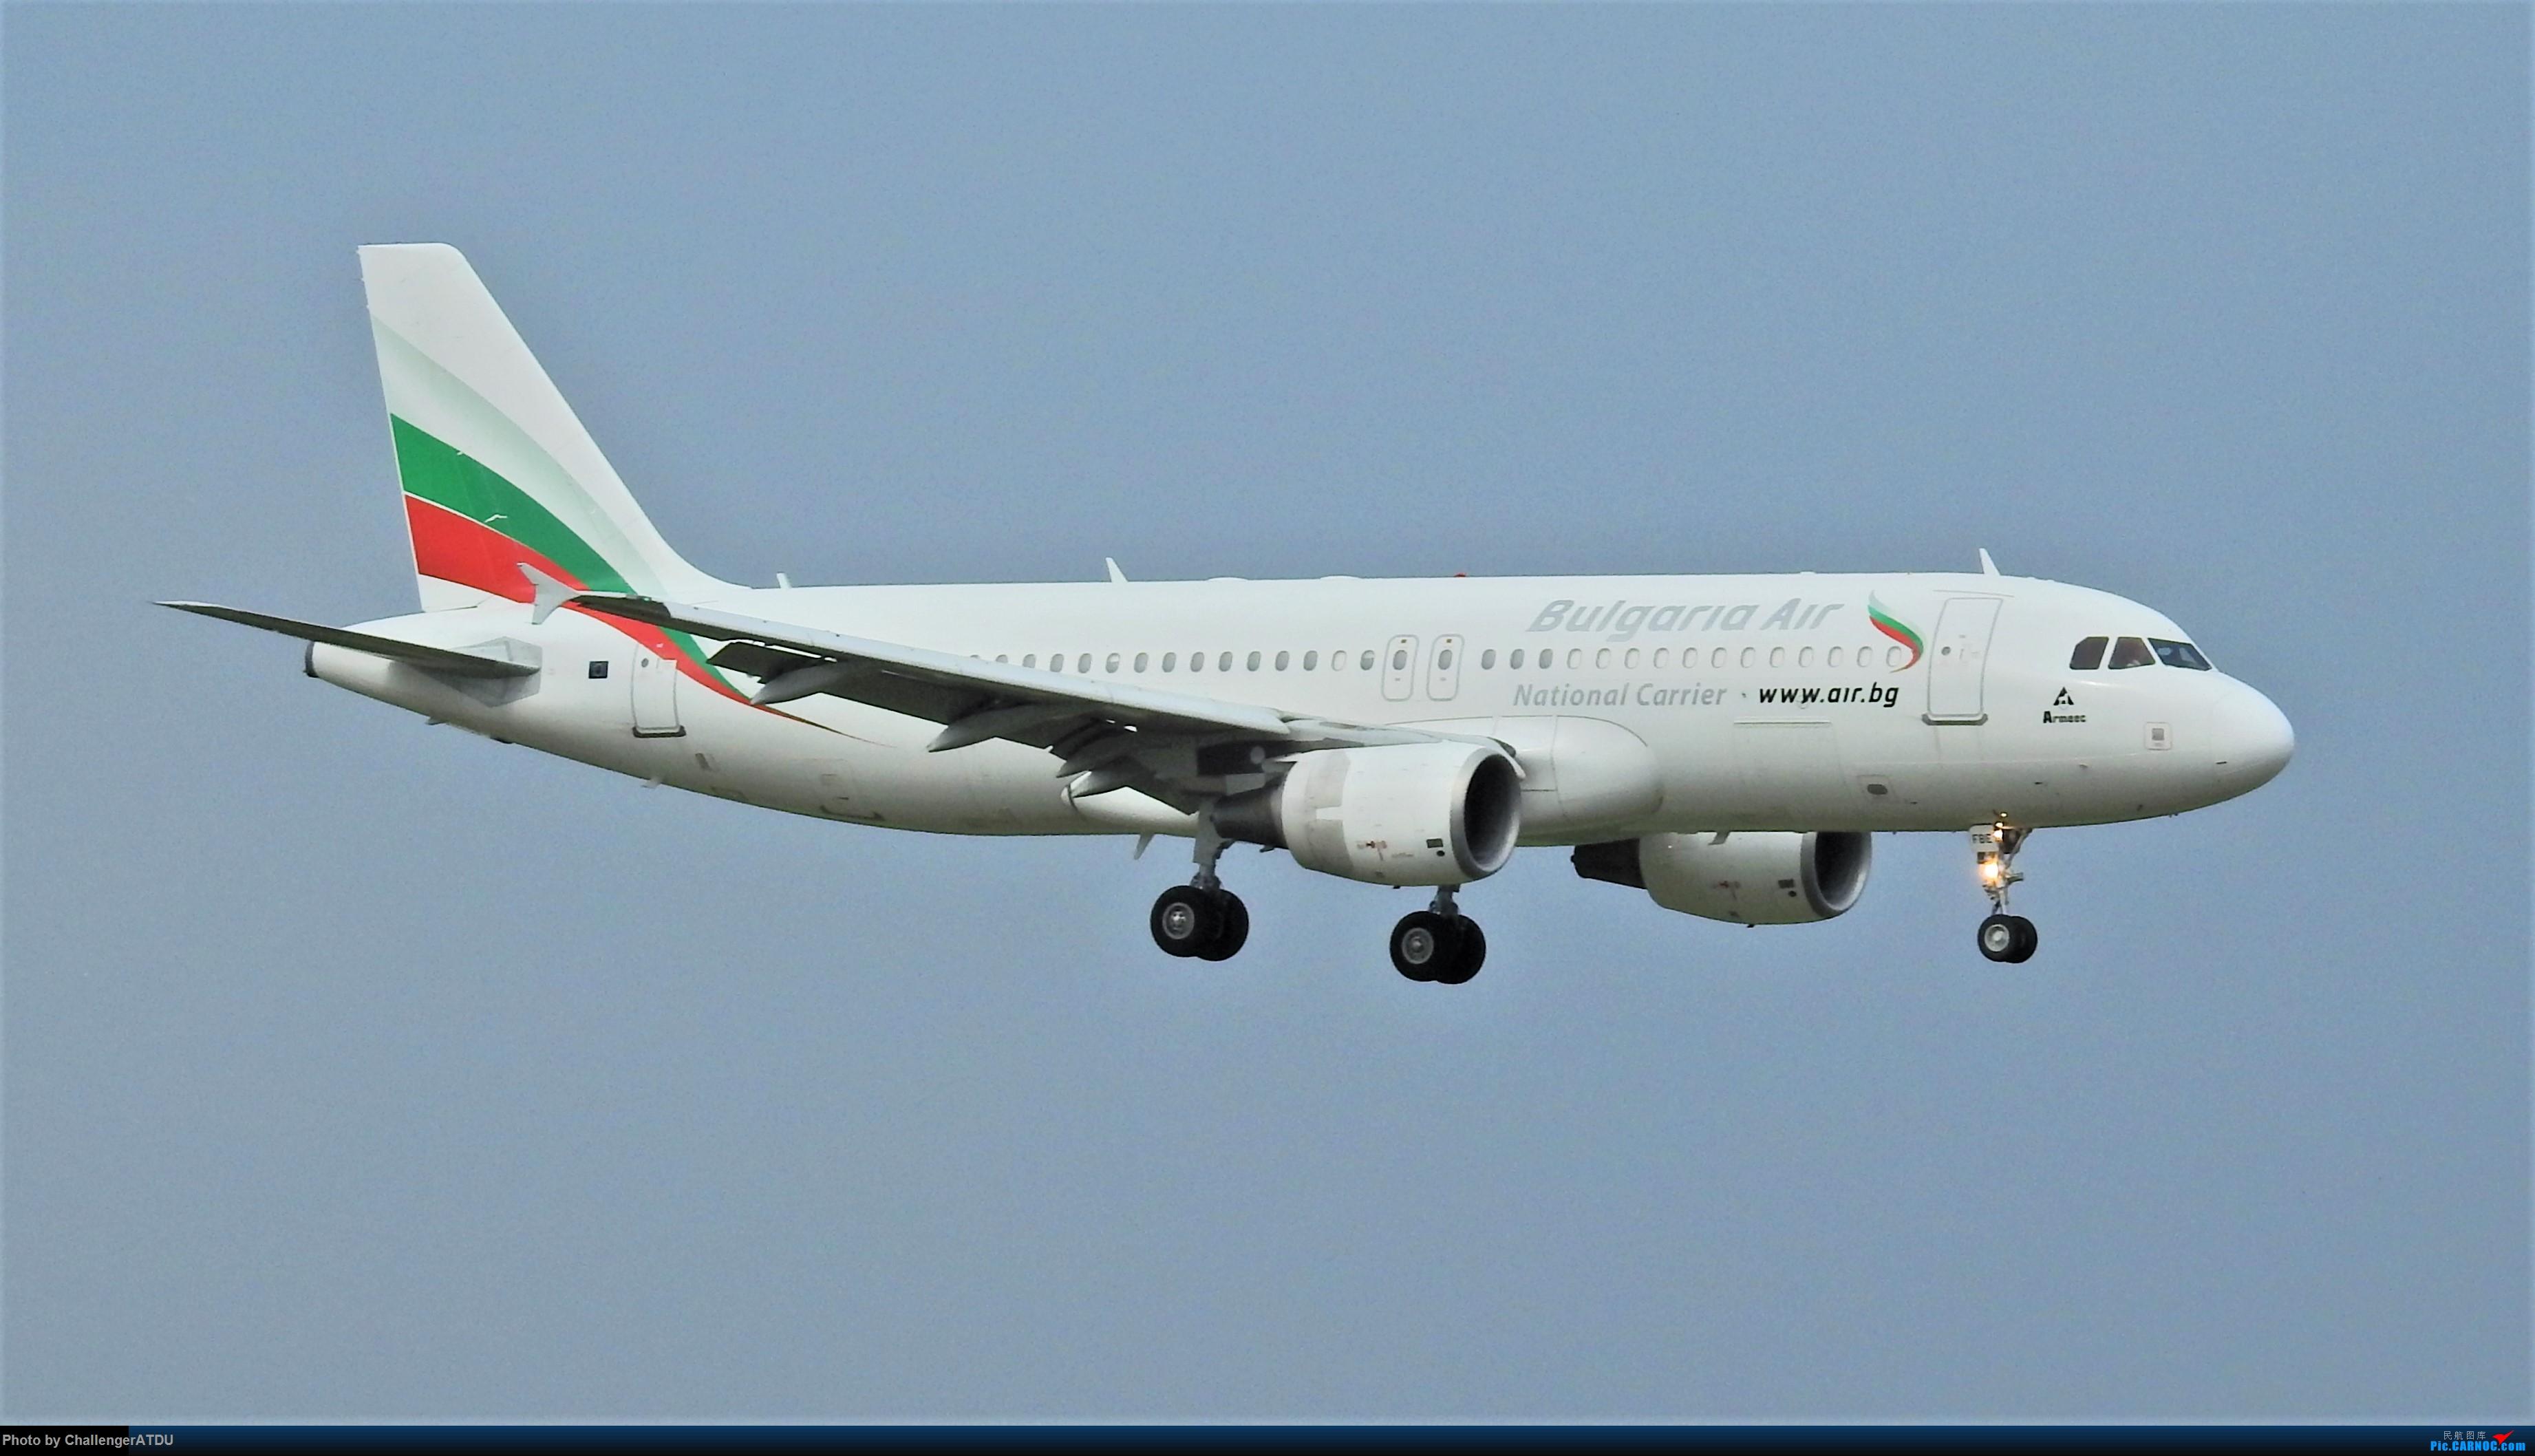 [原创]2020-5-30 萌新のPEK之旅 AIRBUS A320-200 LZ-FBE 北京首都国际机场